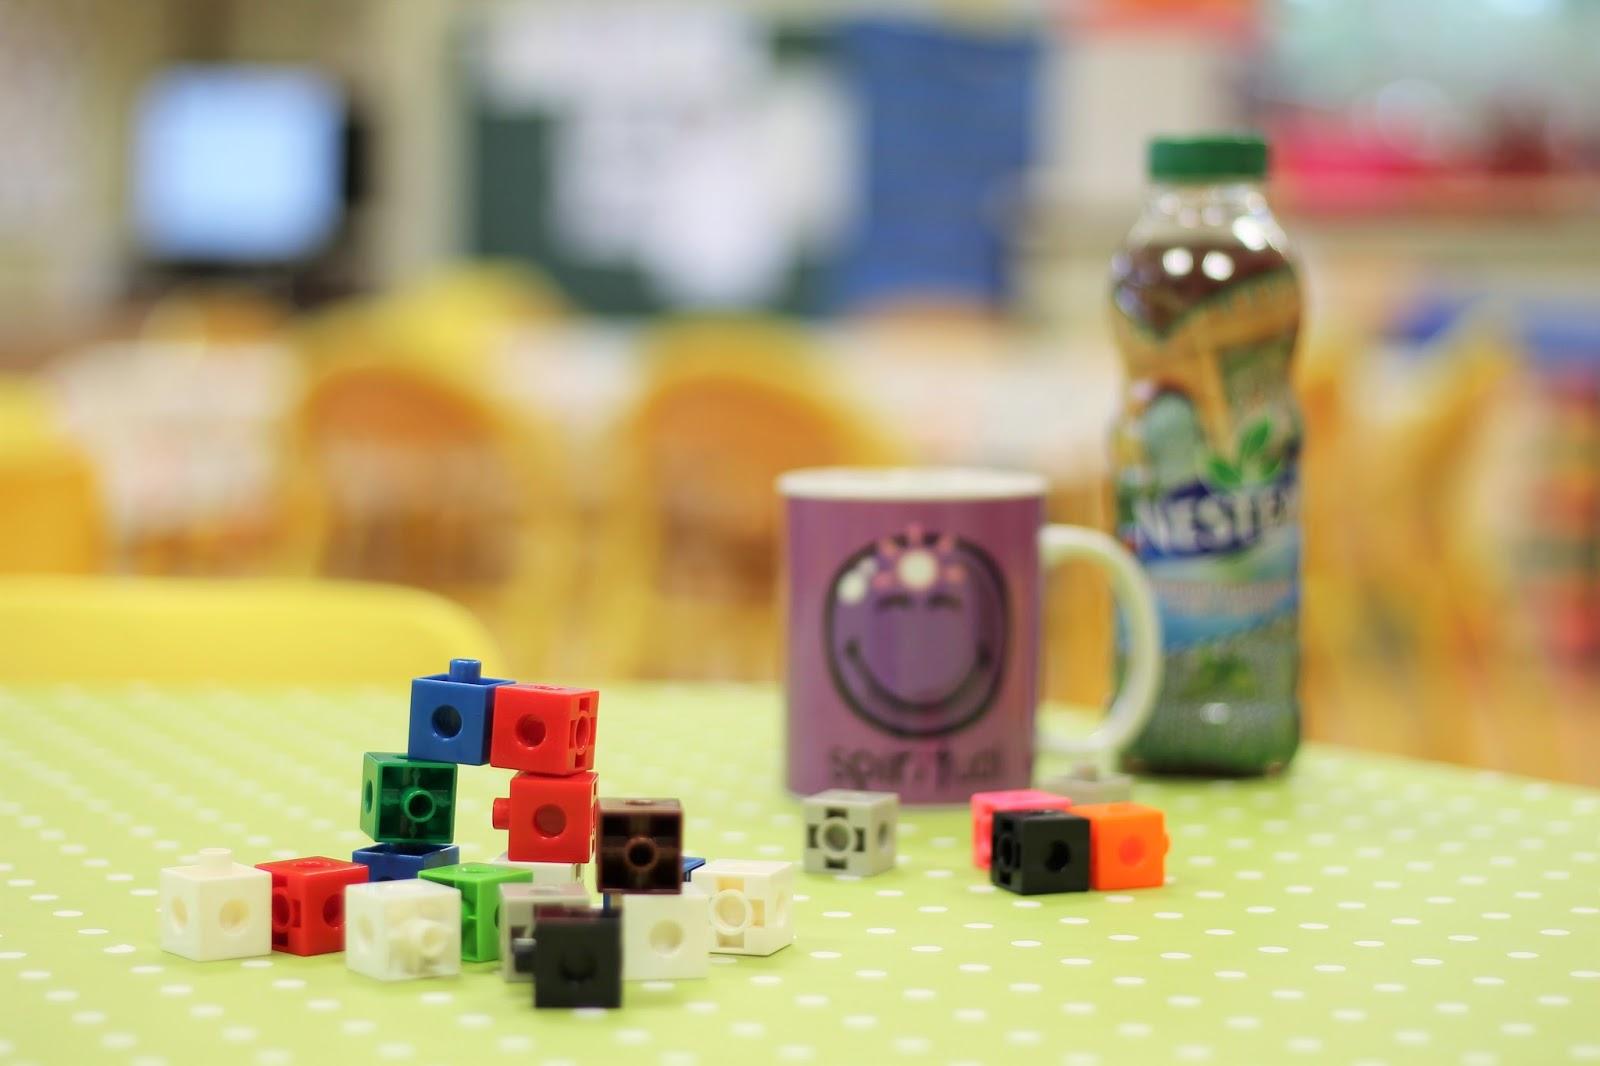 nestea évasion orientale nouveauté nouveau goût saveur arôme thé vert menthe tea time infusion école mug tasse les gommettes de melo melogommette boisson fraiche drinks